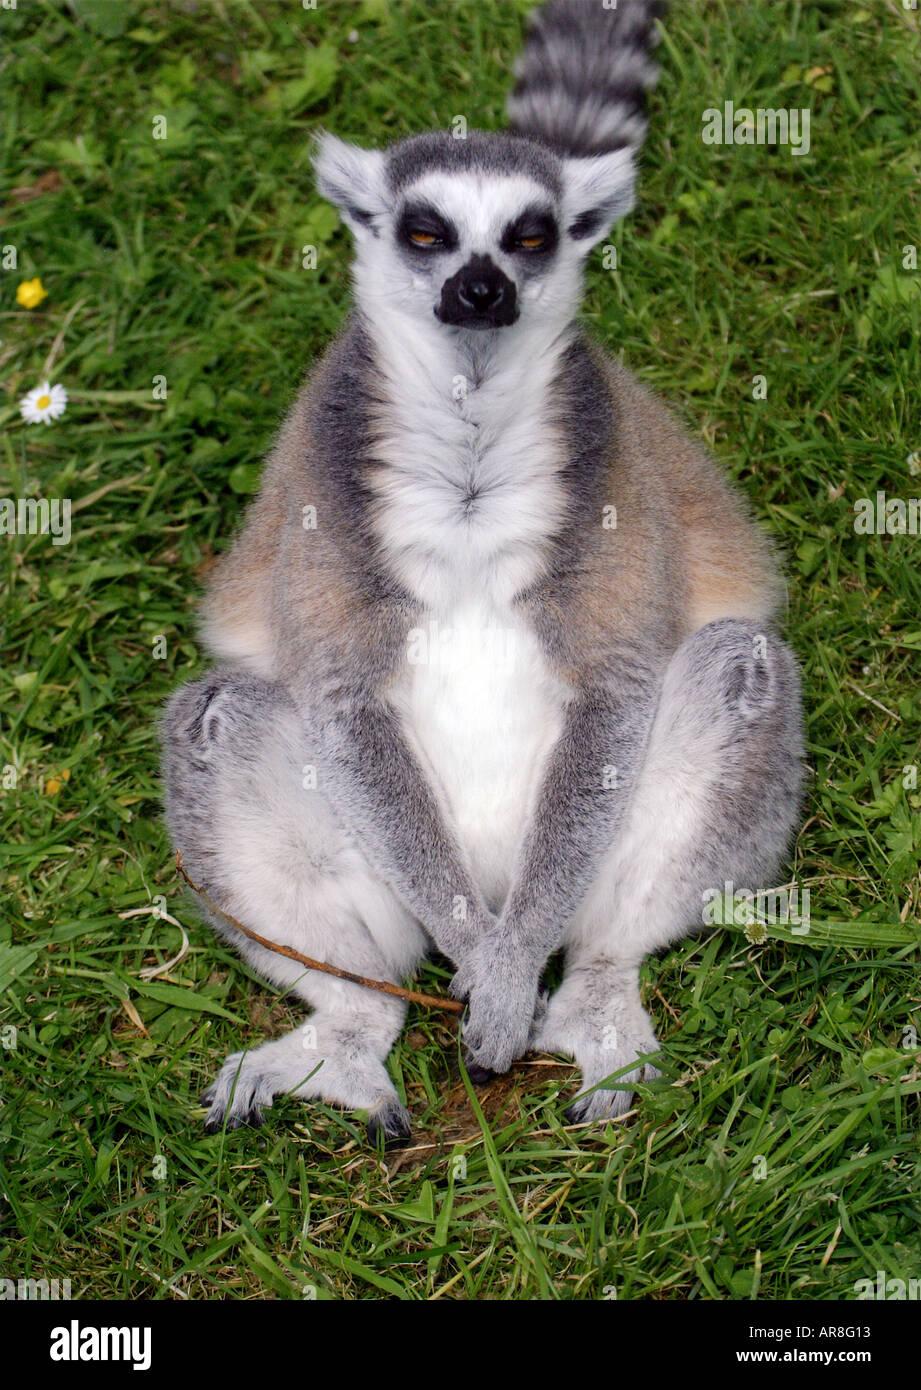 Le gamopat responsable - Page 3 Un-lemurien-ringtailed-est-assis-et-absorbent-l-ar8g13